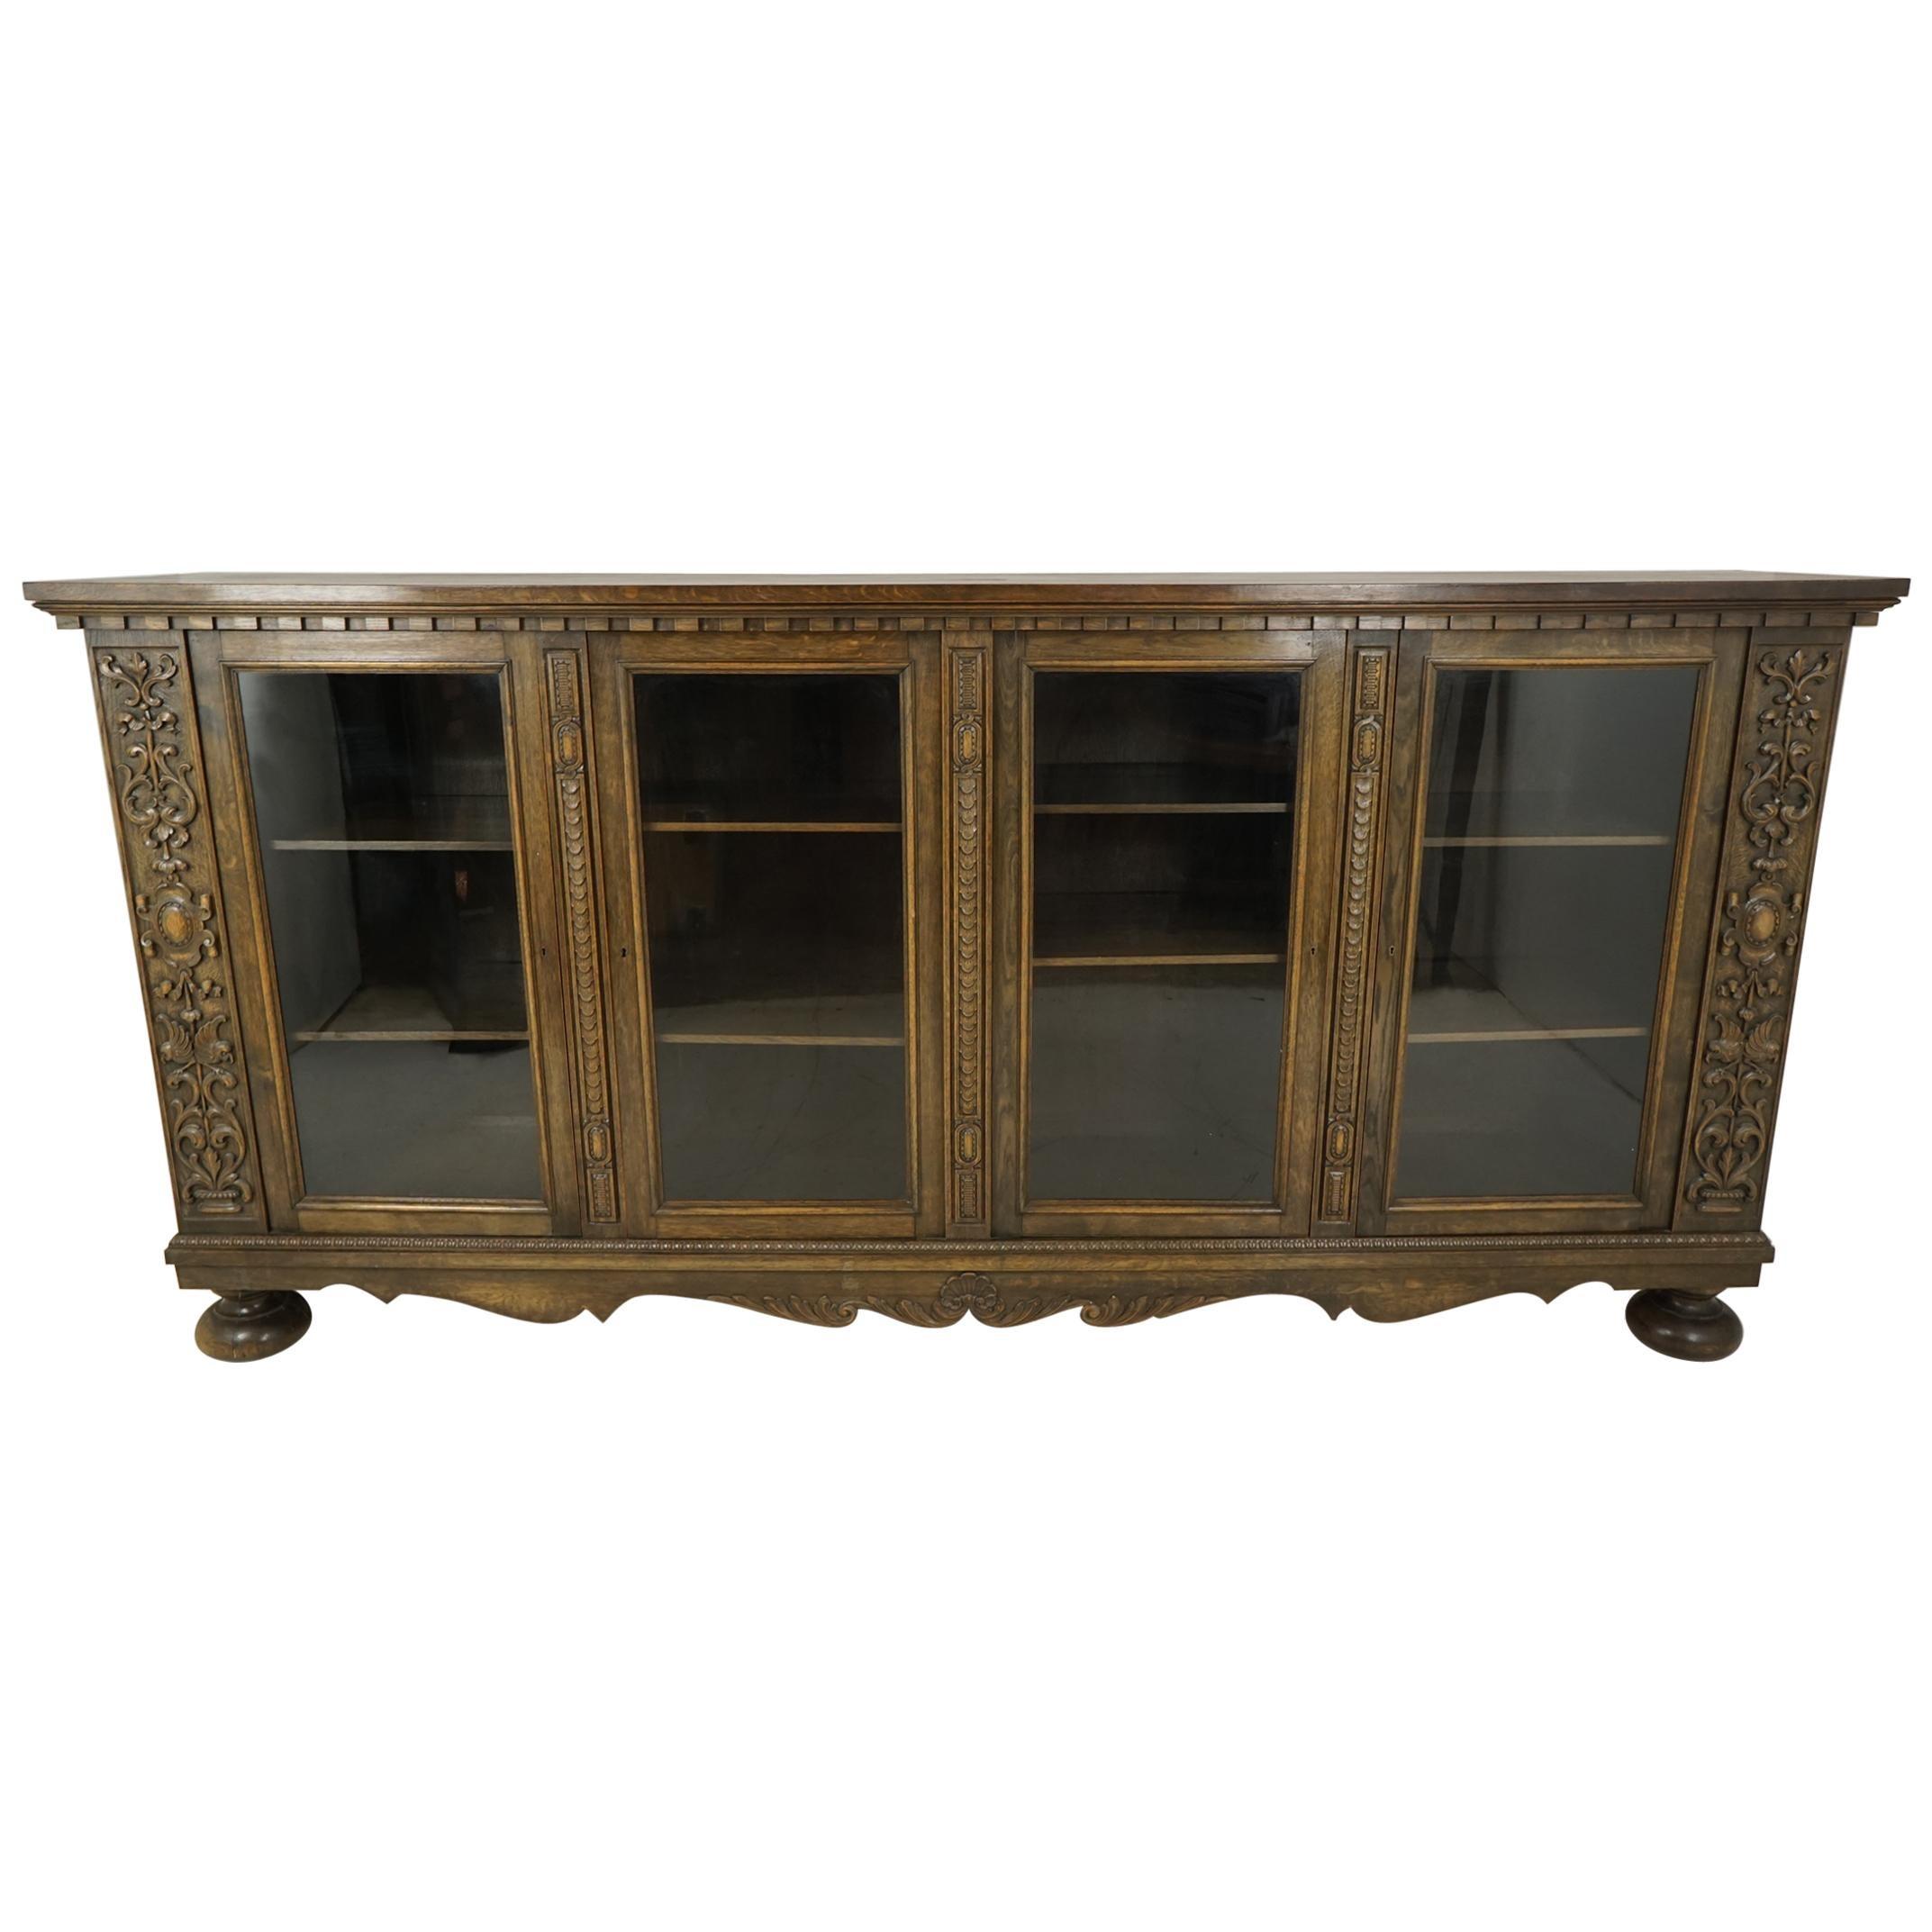 Antique Oak Bookcase, Carved Oak, Four-Door, Display Cabinet, Denmark 1920 B2260